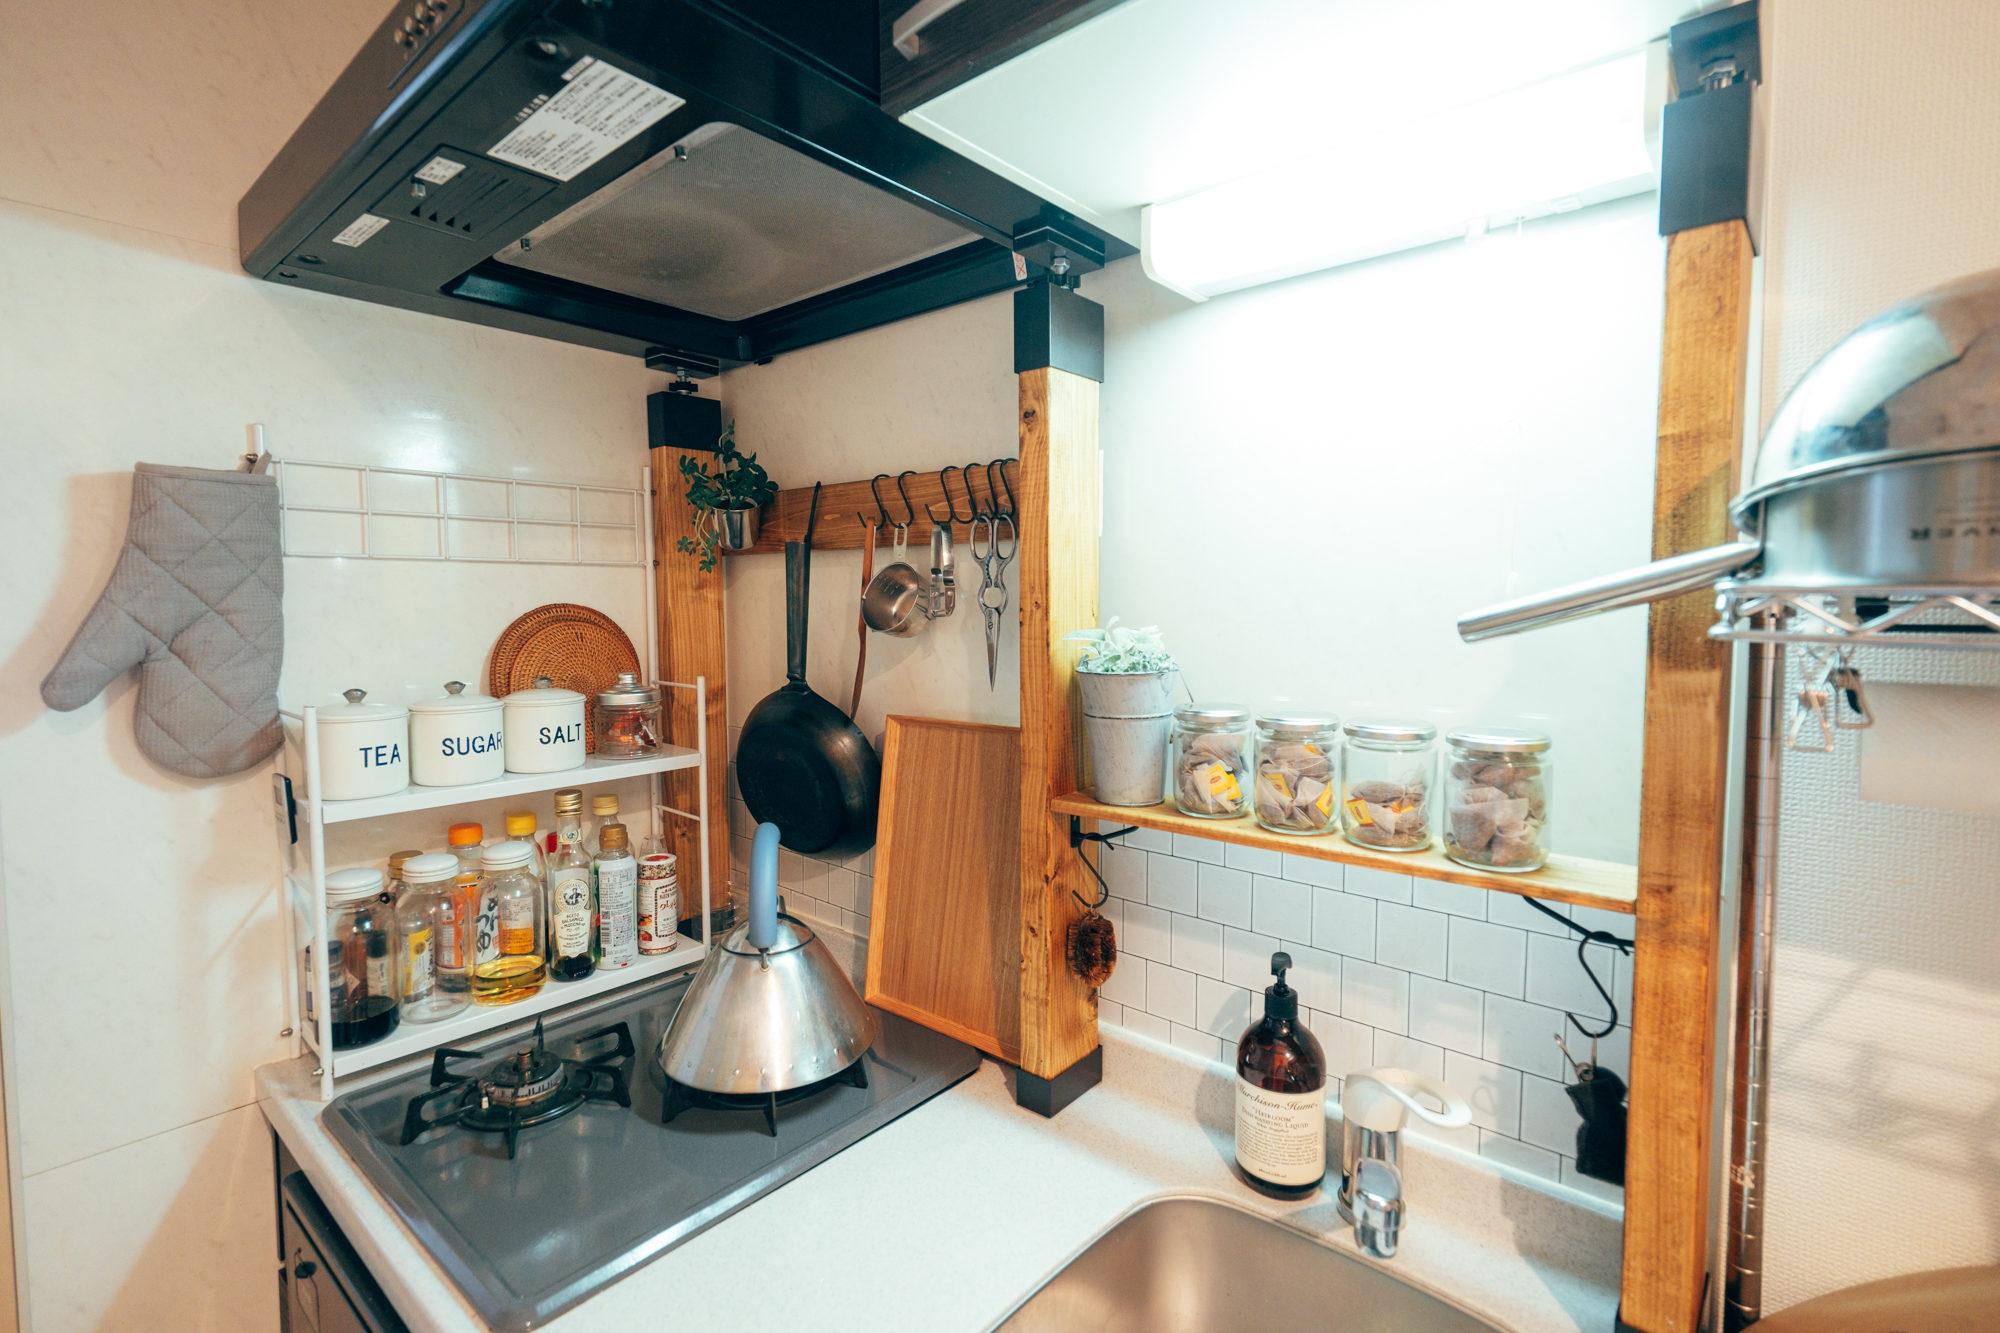 一人暮らしのキッチンでも、収納を増やすことで作業スペースも広くなりますね(このお部屋はこちら)